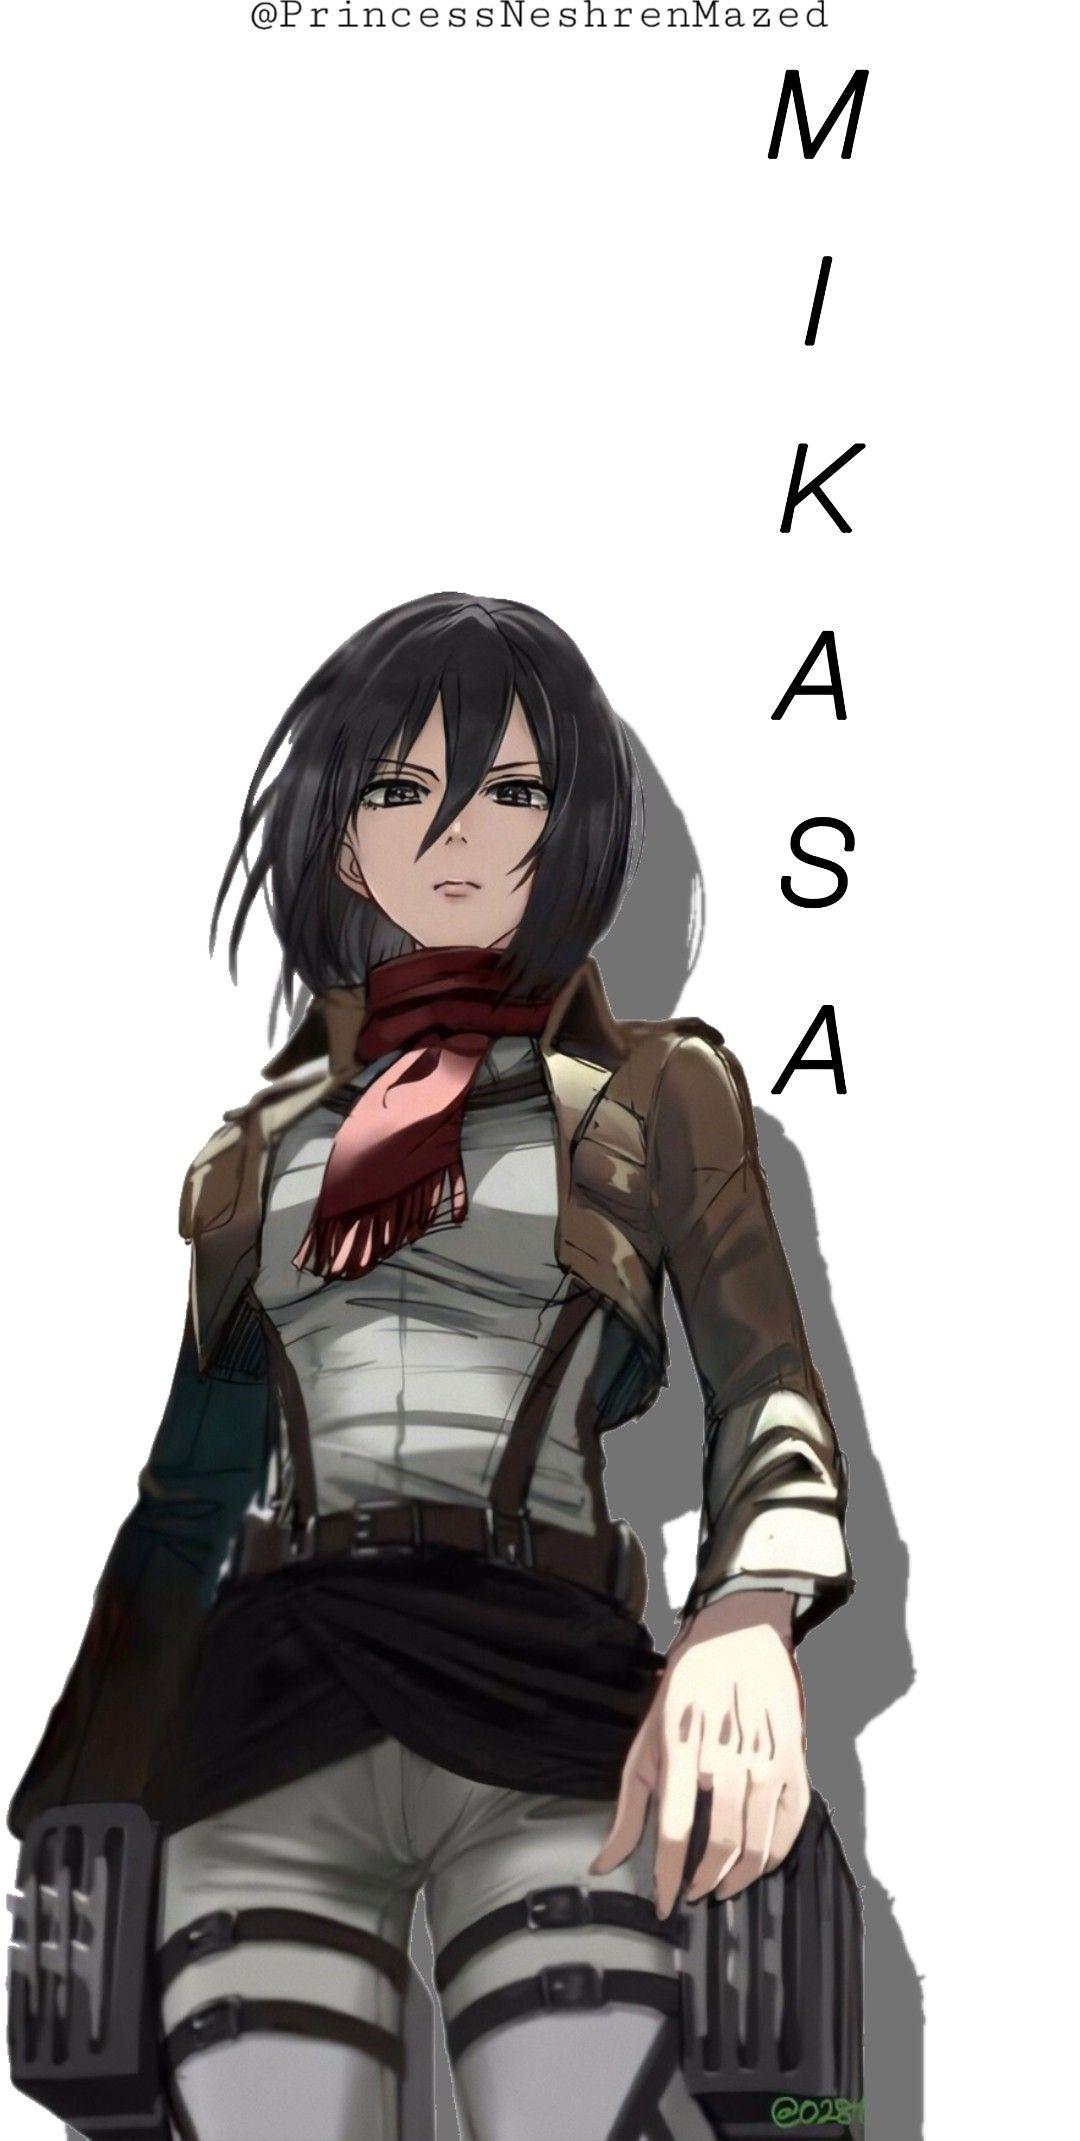 Mikasa Ackerman Wallpaper Di 2021 Ilustrasi Karakter Gambar Anime Ilustrasi